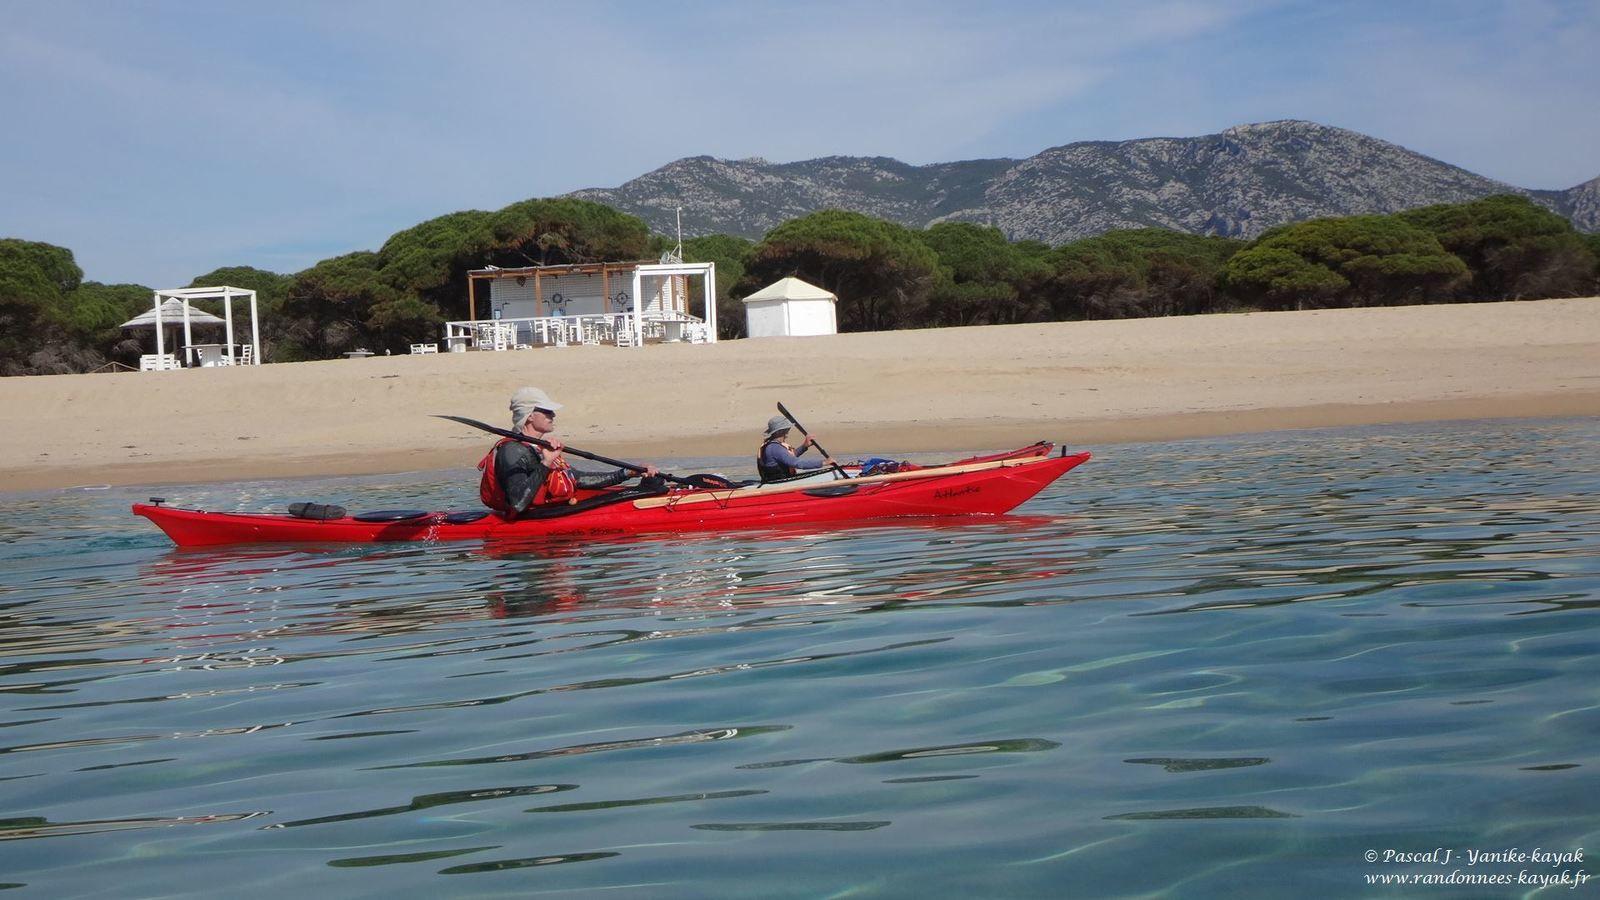 Sardegna 2019, una nuova avventura - Chapitre 4 : à la découverte des merveilles du Golfe d'Orosei (4)